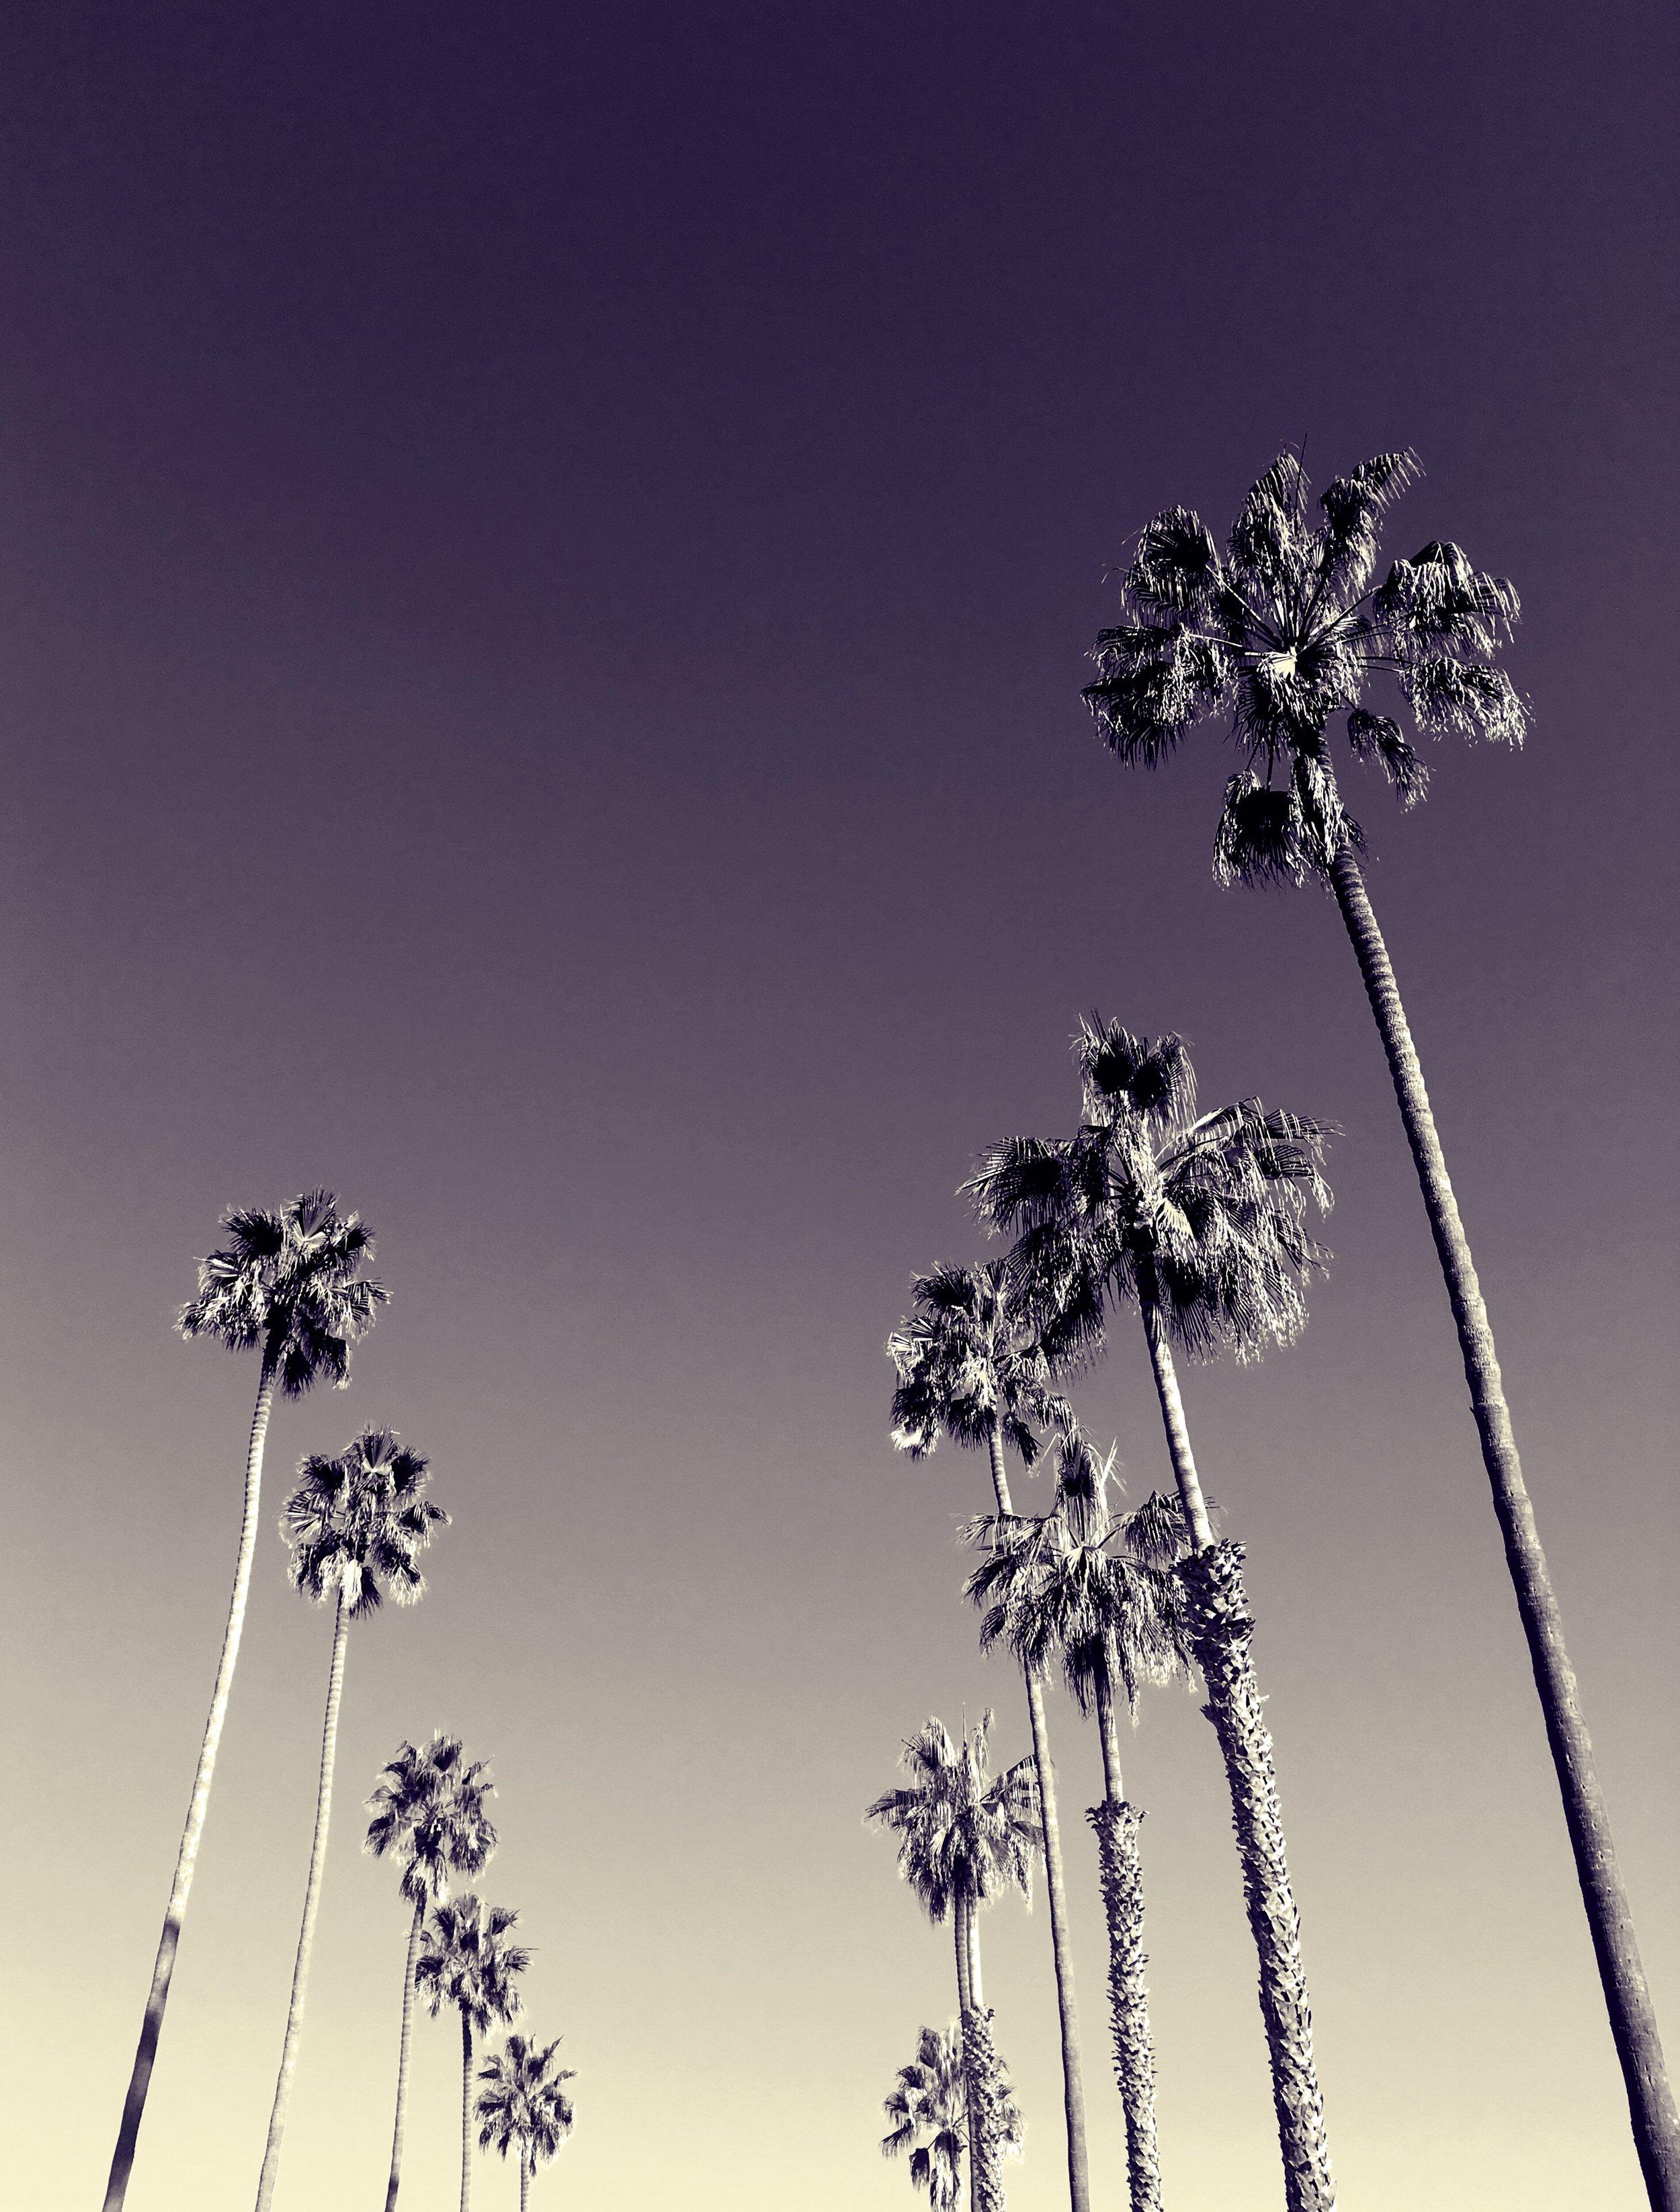 From where I run in La Jolla